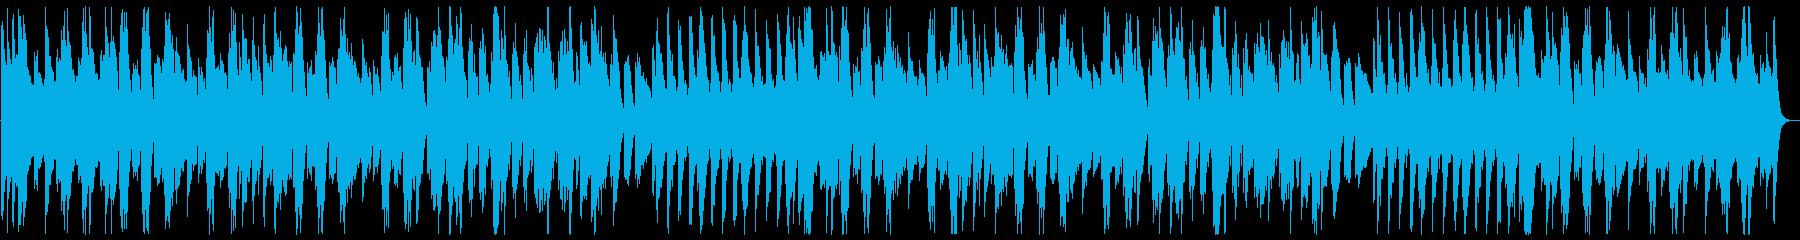 ゆっくり可愛いメロディーのオルゴールの曲の再生済みの波形